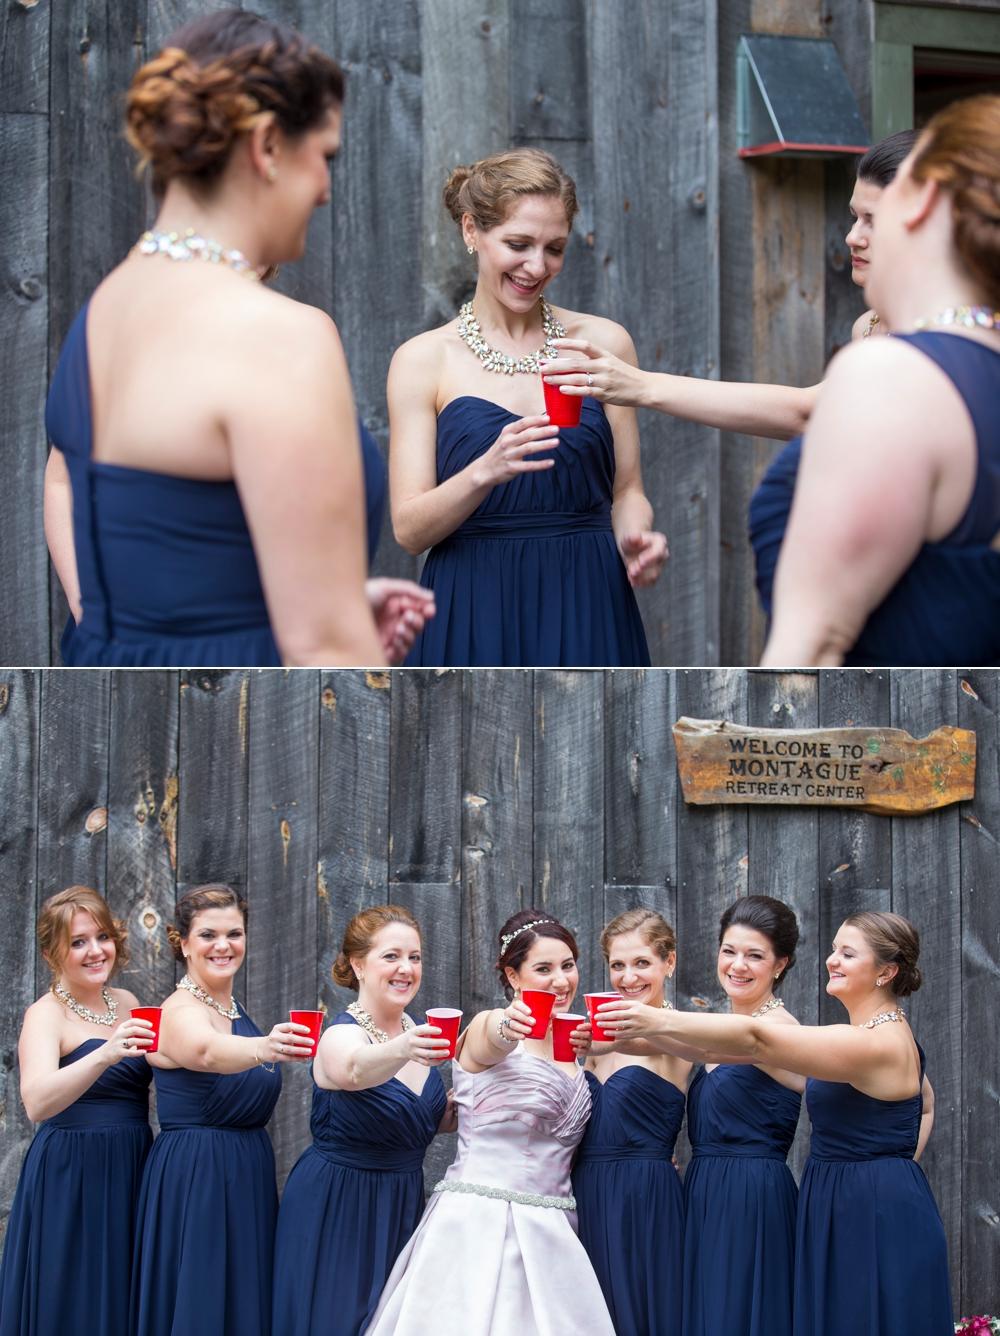 MontagueRetreatCenter_Wedding_Joanna&Bill_0017.jpg